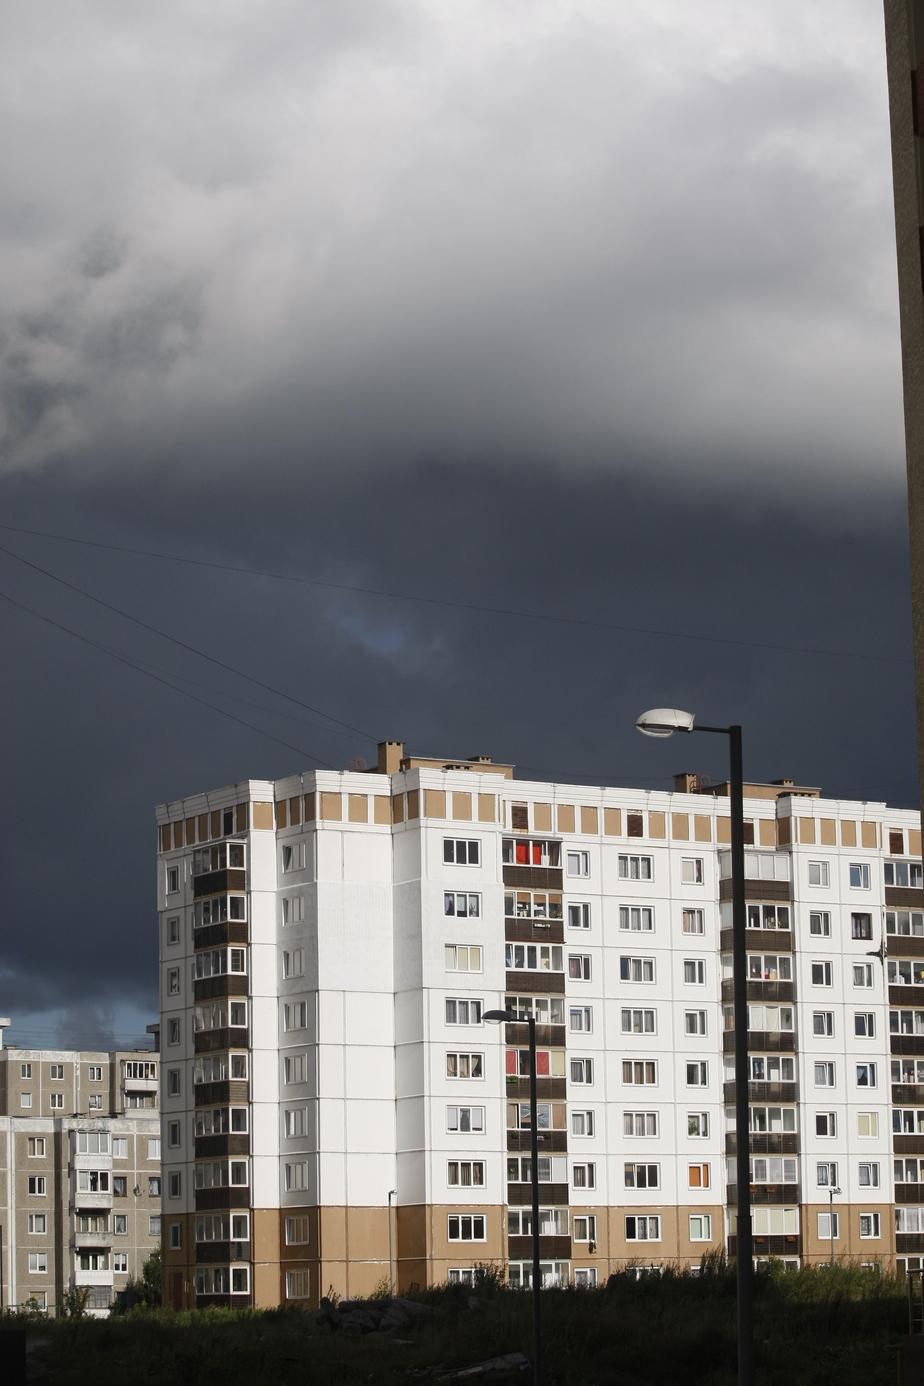 Бесплатная приватизация в России продлевается на год - Новости Калининграда